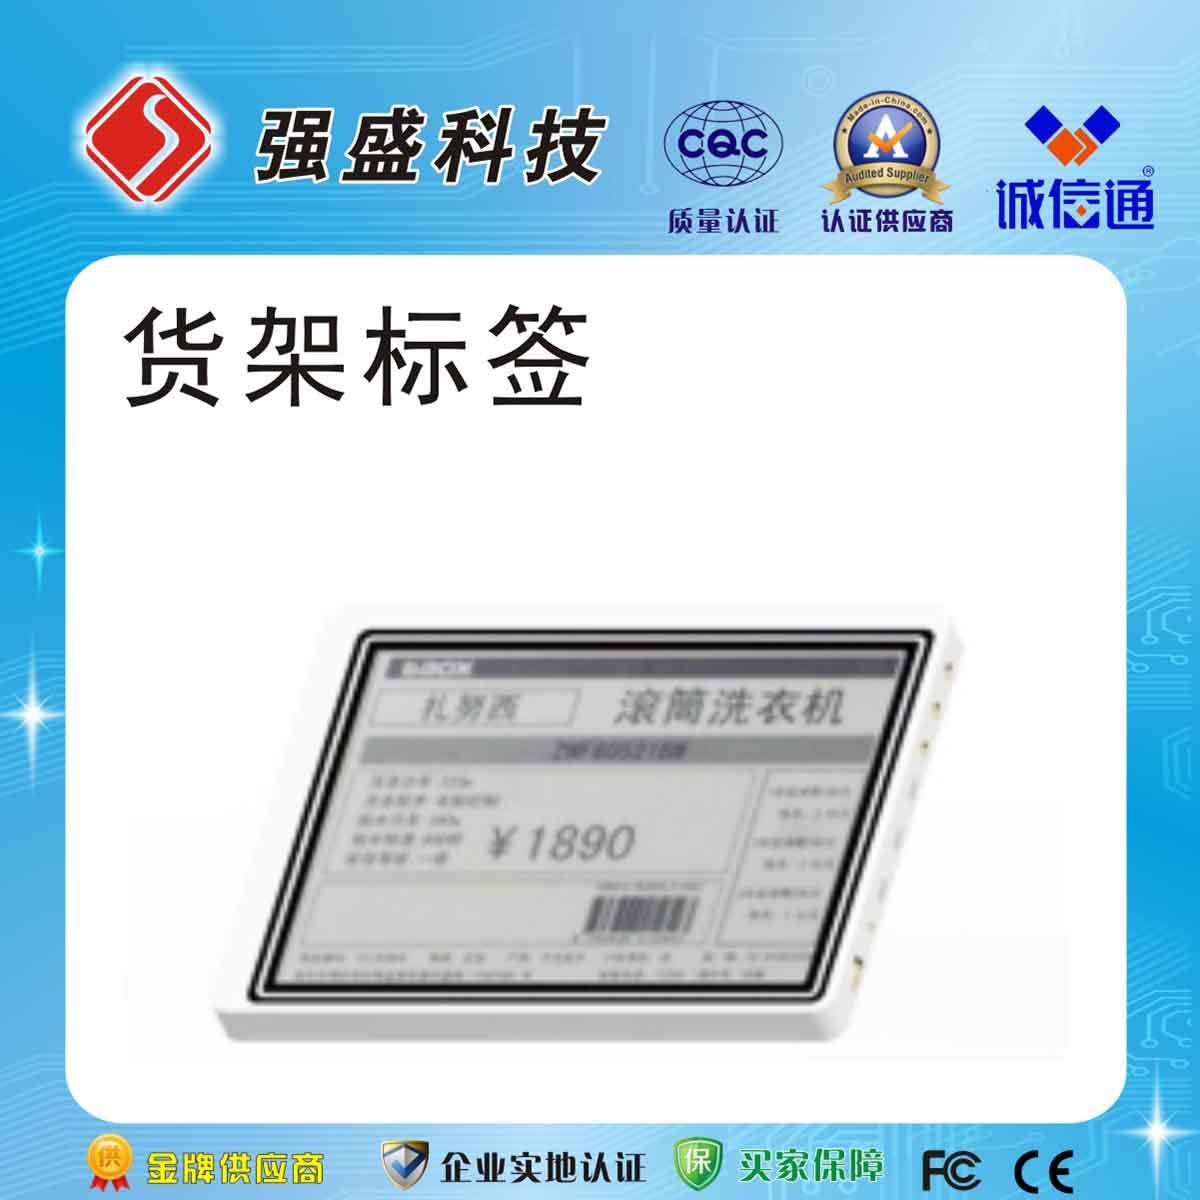 供应6寸大屏esl超市商品价标牌esl电子货架标签